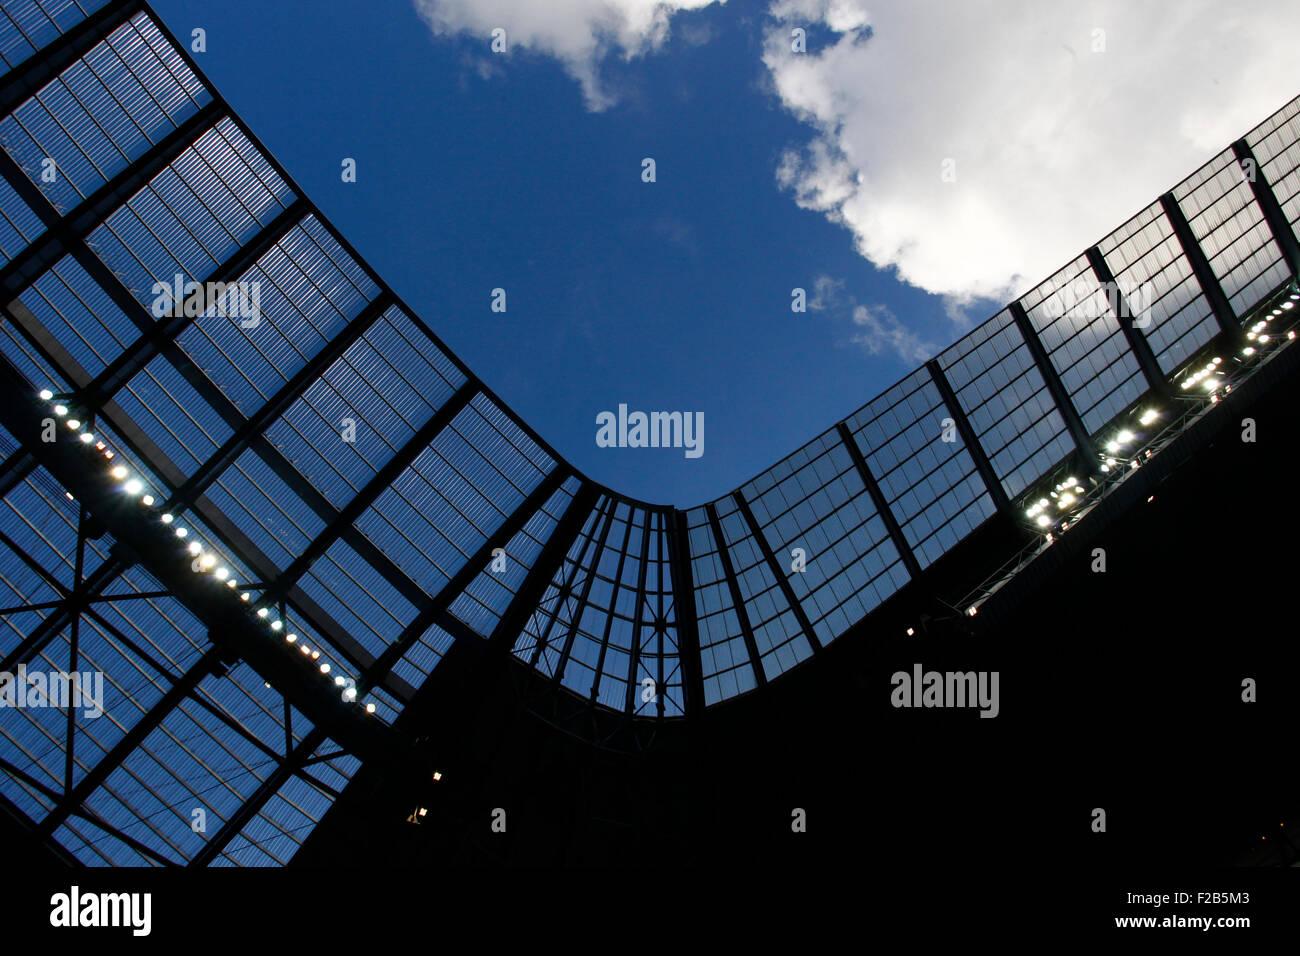 Manchester, UK. 15. Sep, 2015. Champions-League. Manchester City gegen Juventus Turin. Einen allgemeinen Überblick Stockbild